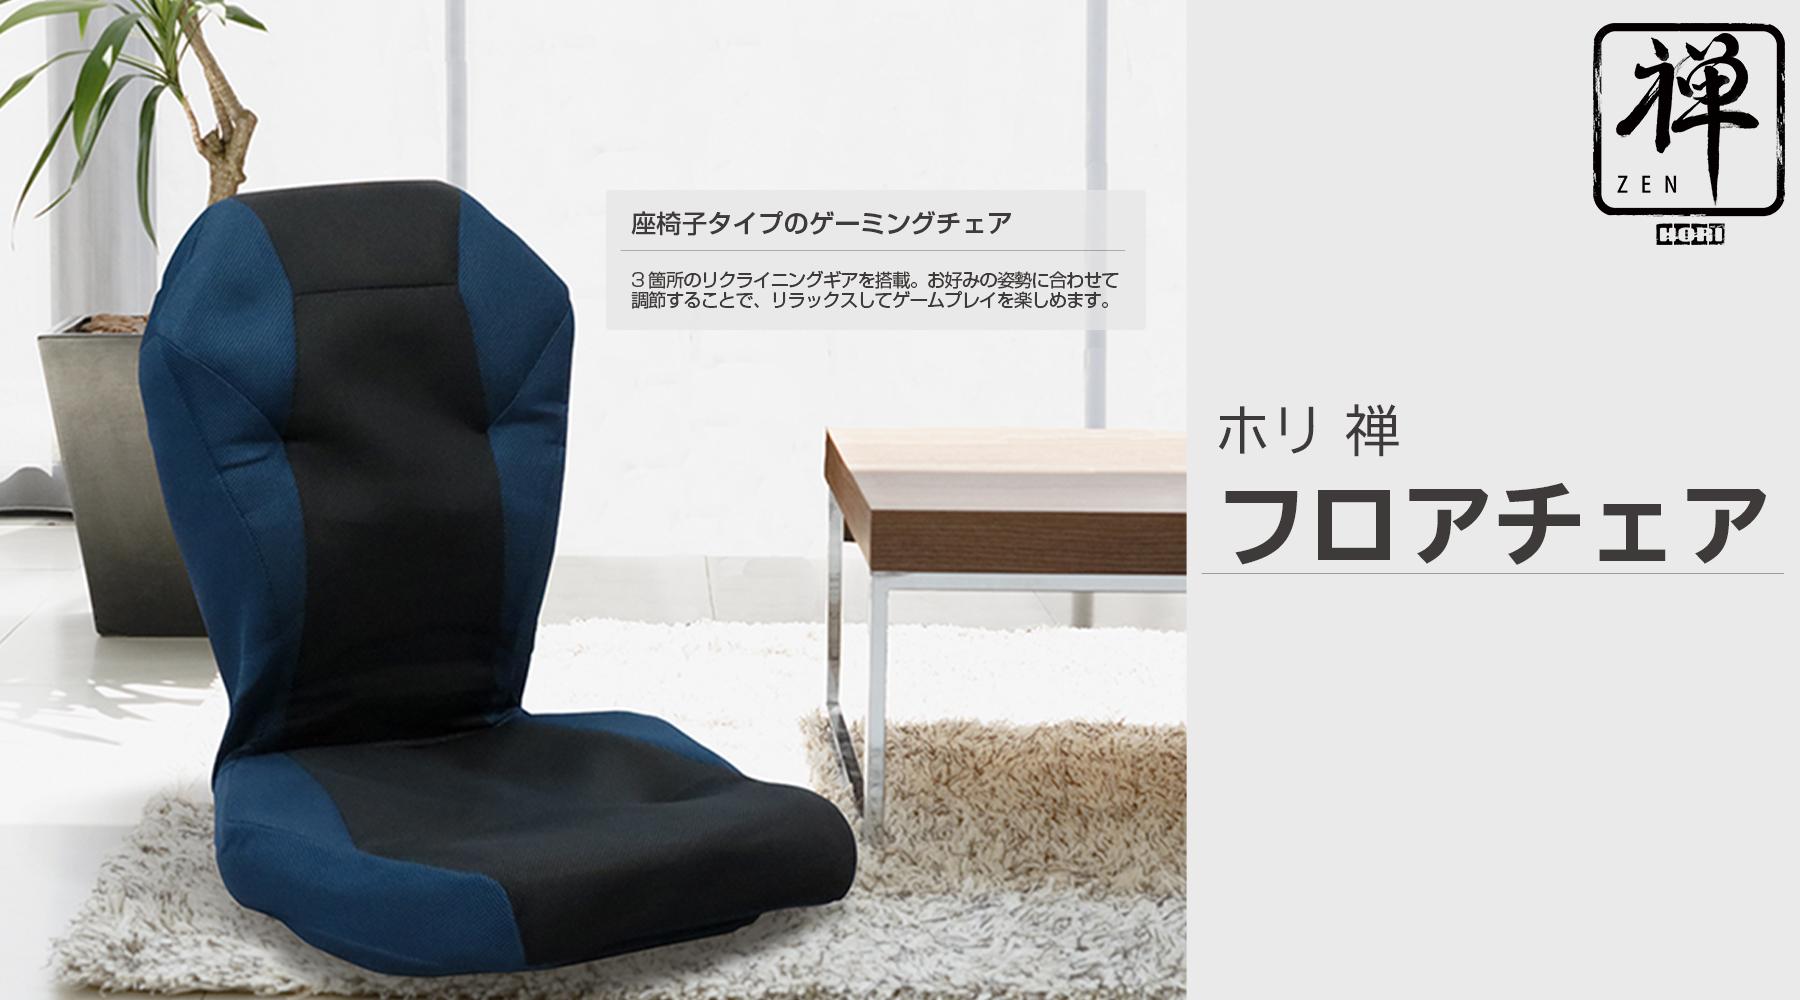 ホリ 禅 フロアチェアが登場!2020年11月発売!